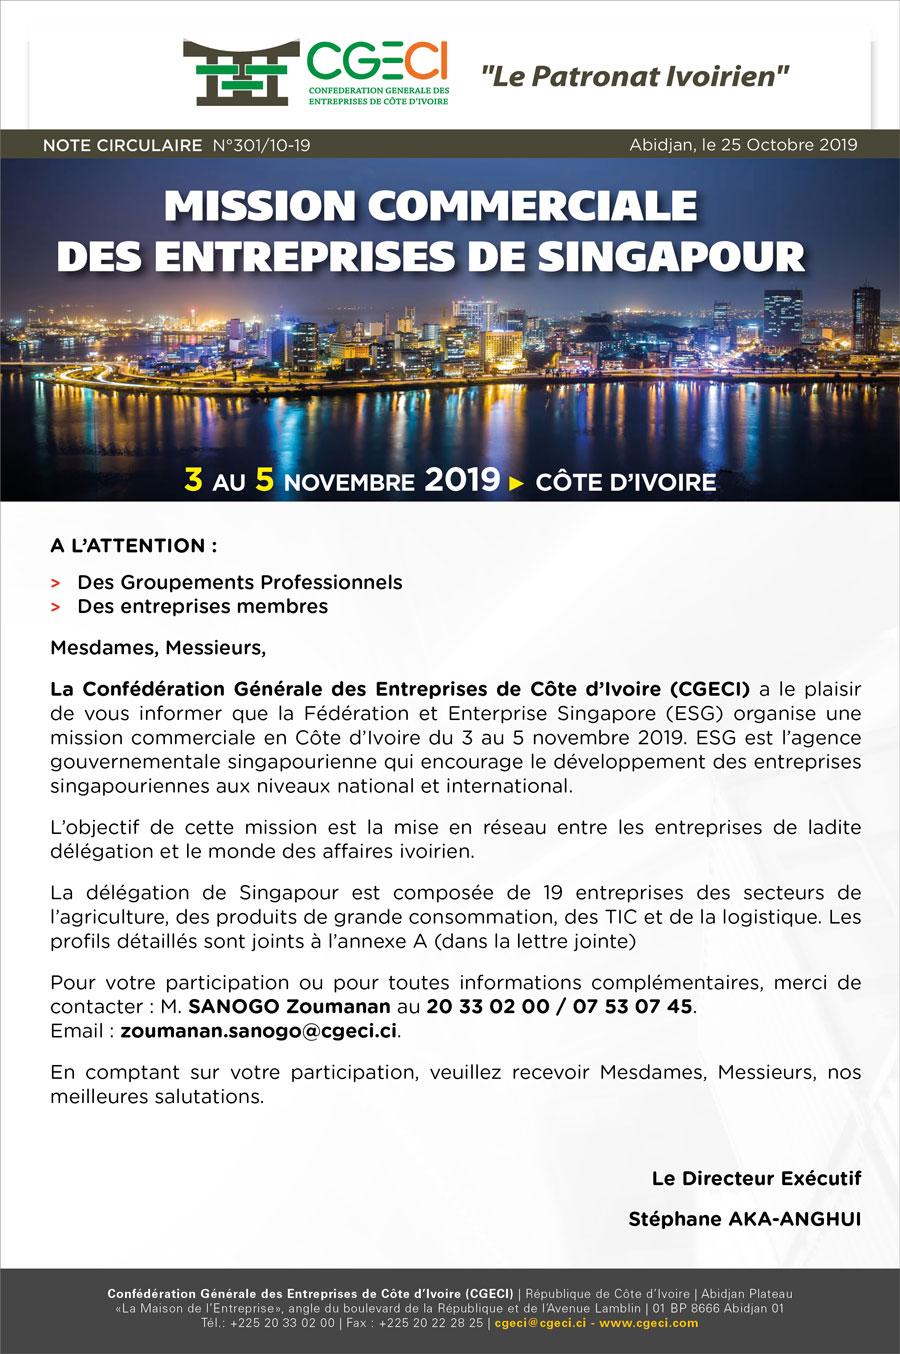 301—Mission-Commerciale-des-entreprises-de-Singapour-